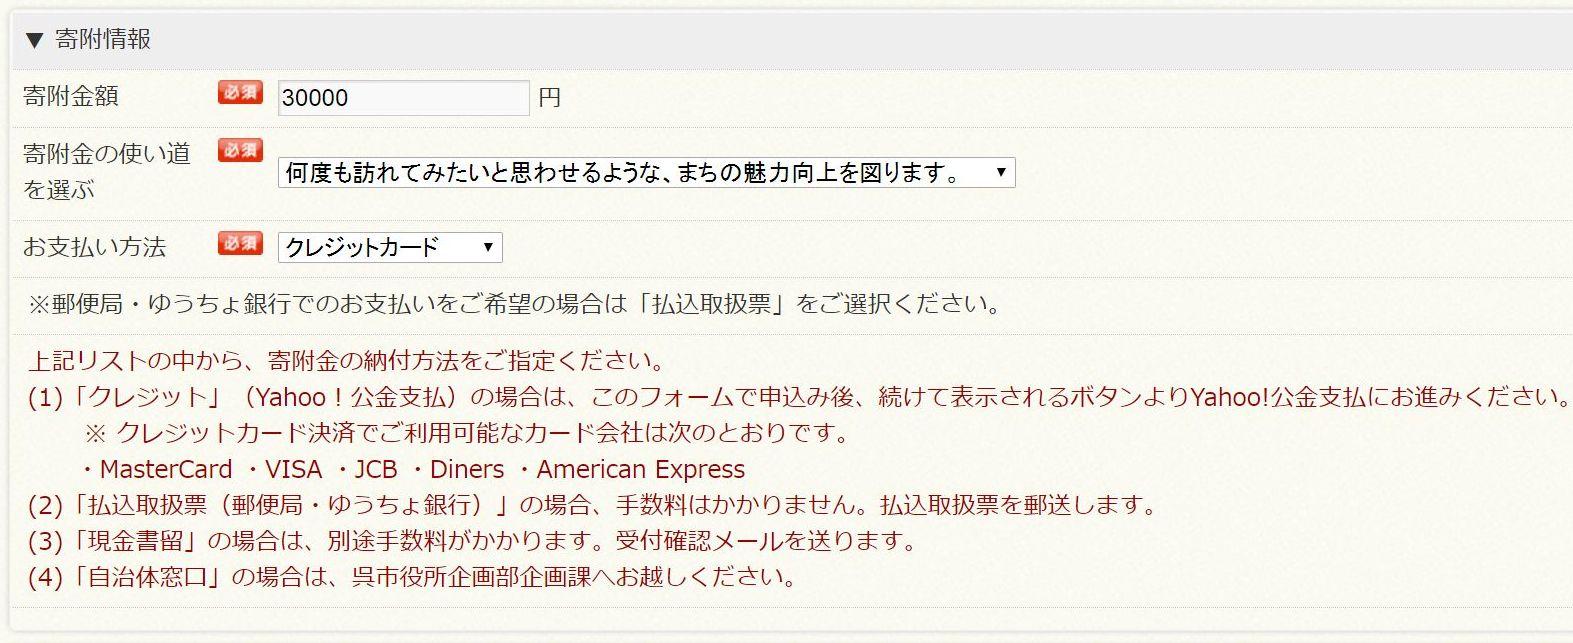 広島県呉市ふるさと納税の寄附情報